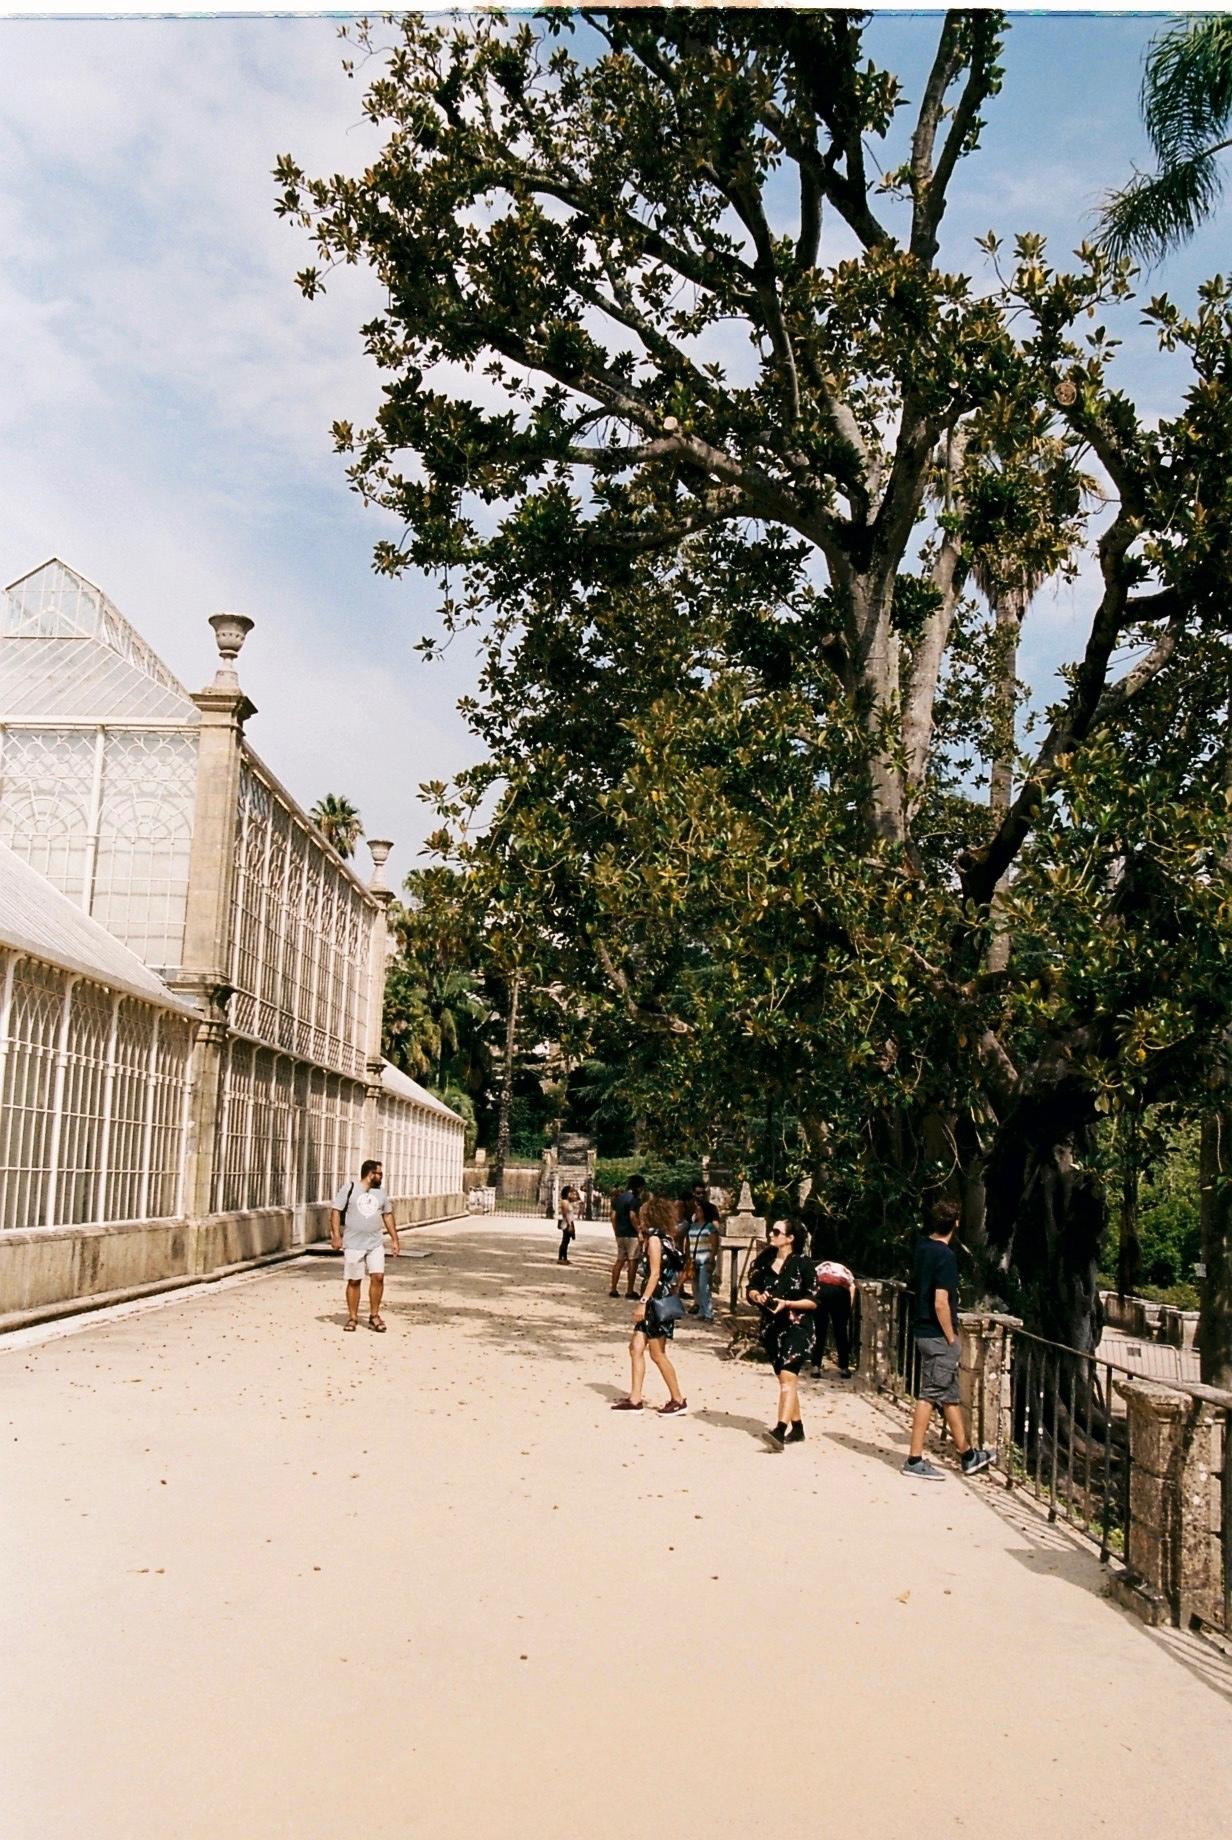 Coimbra 08-2019 - 44 of 62